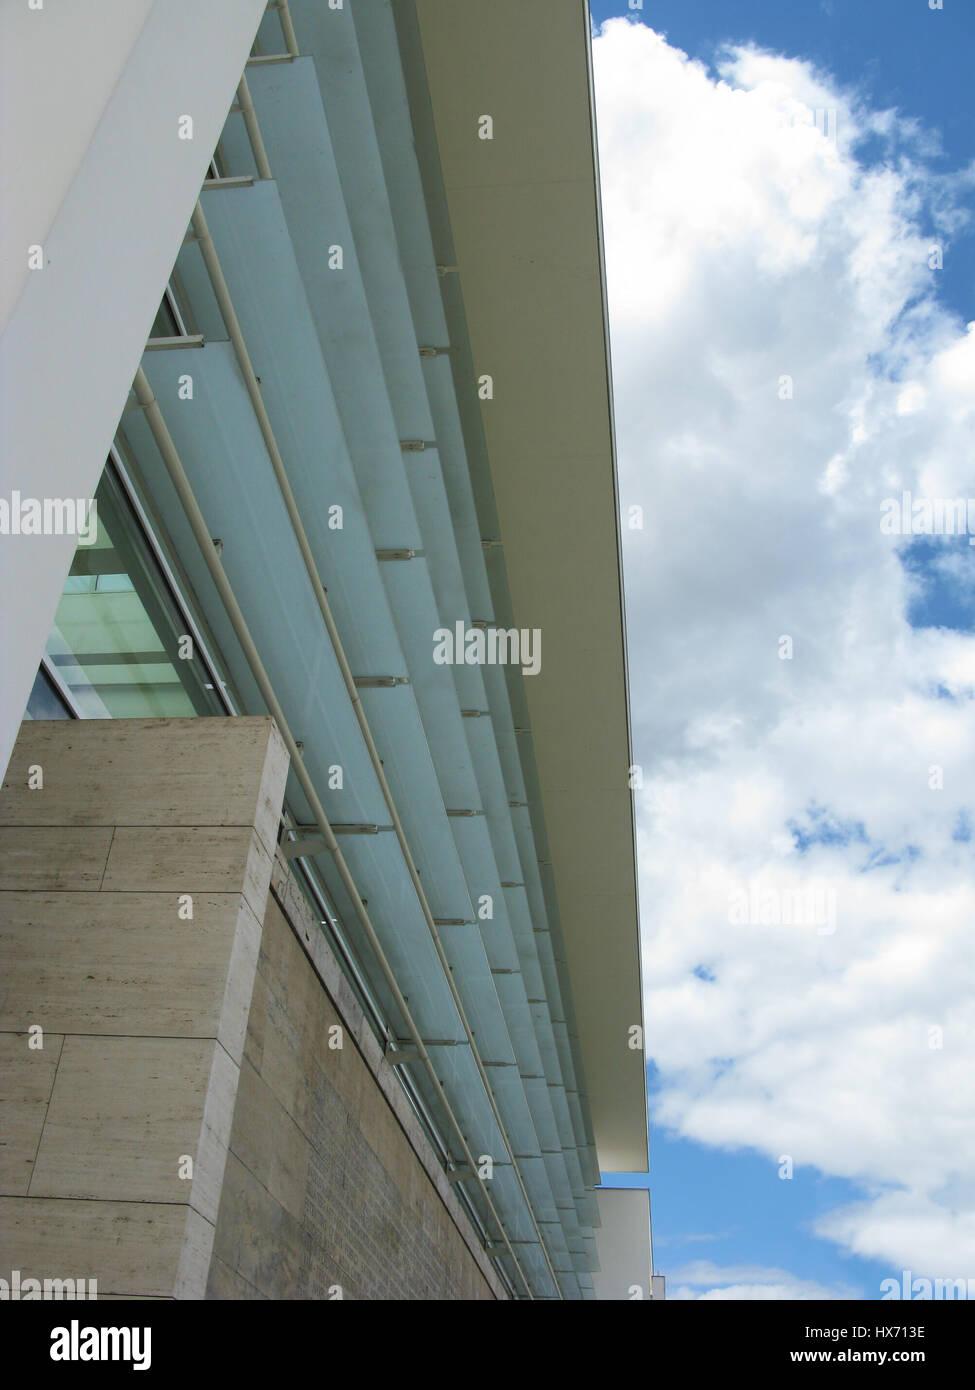 American architecture in Rome Stock Photo